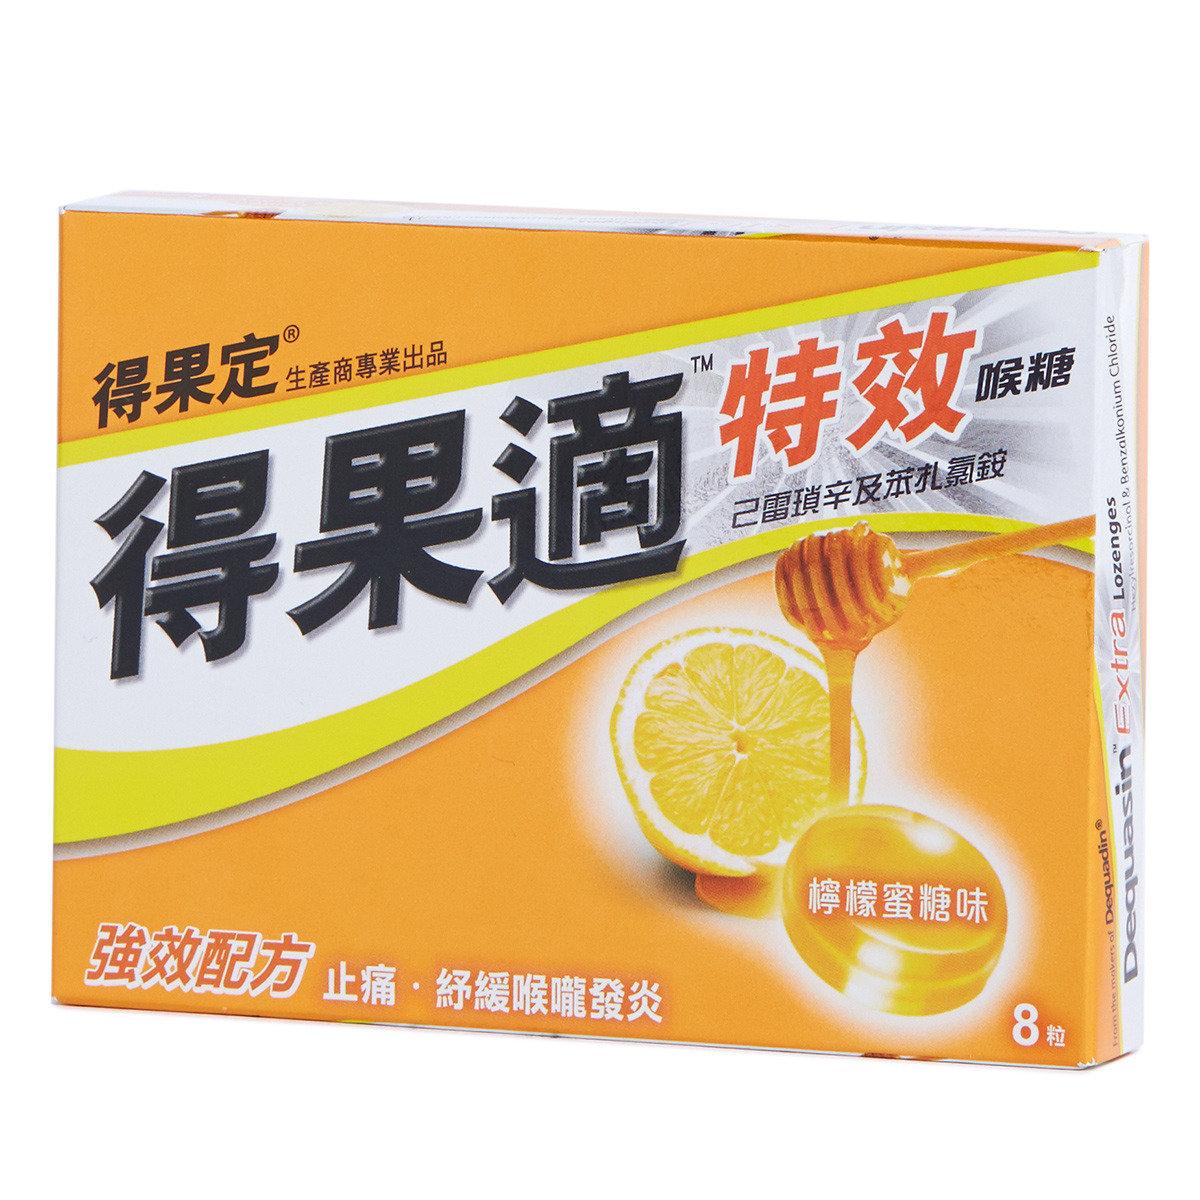 特效喉糖檸檬蜜糖味 8 粒裝